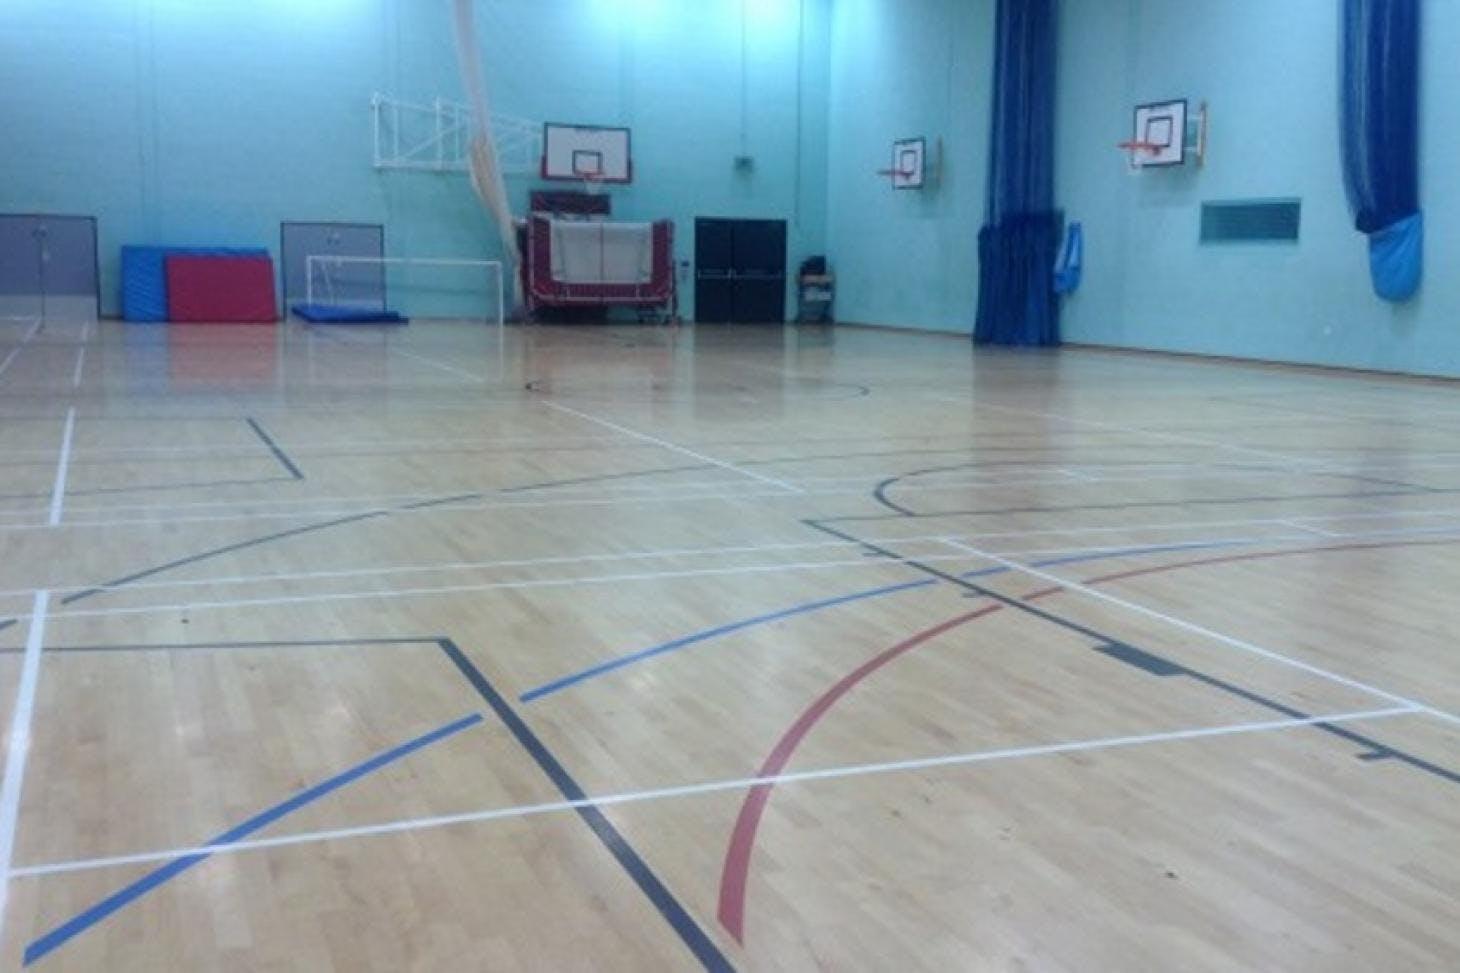 St John's Catholic Comprehensive School Indoor netball court